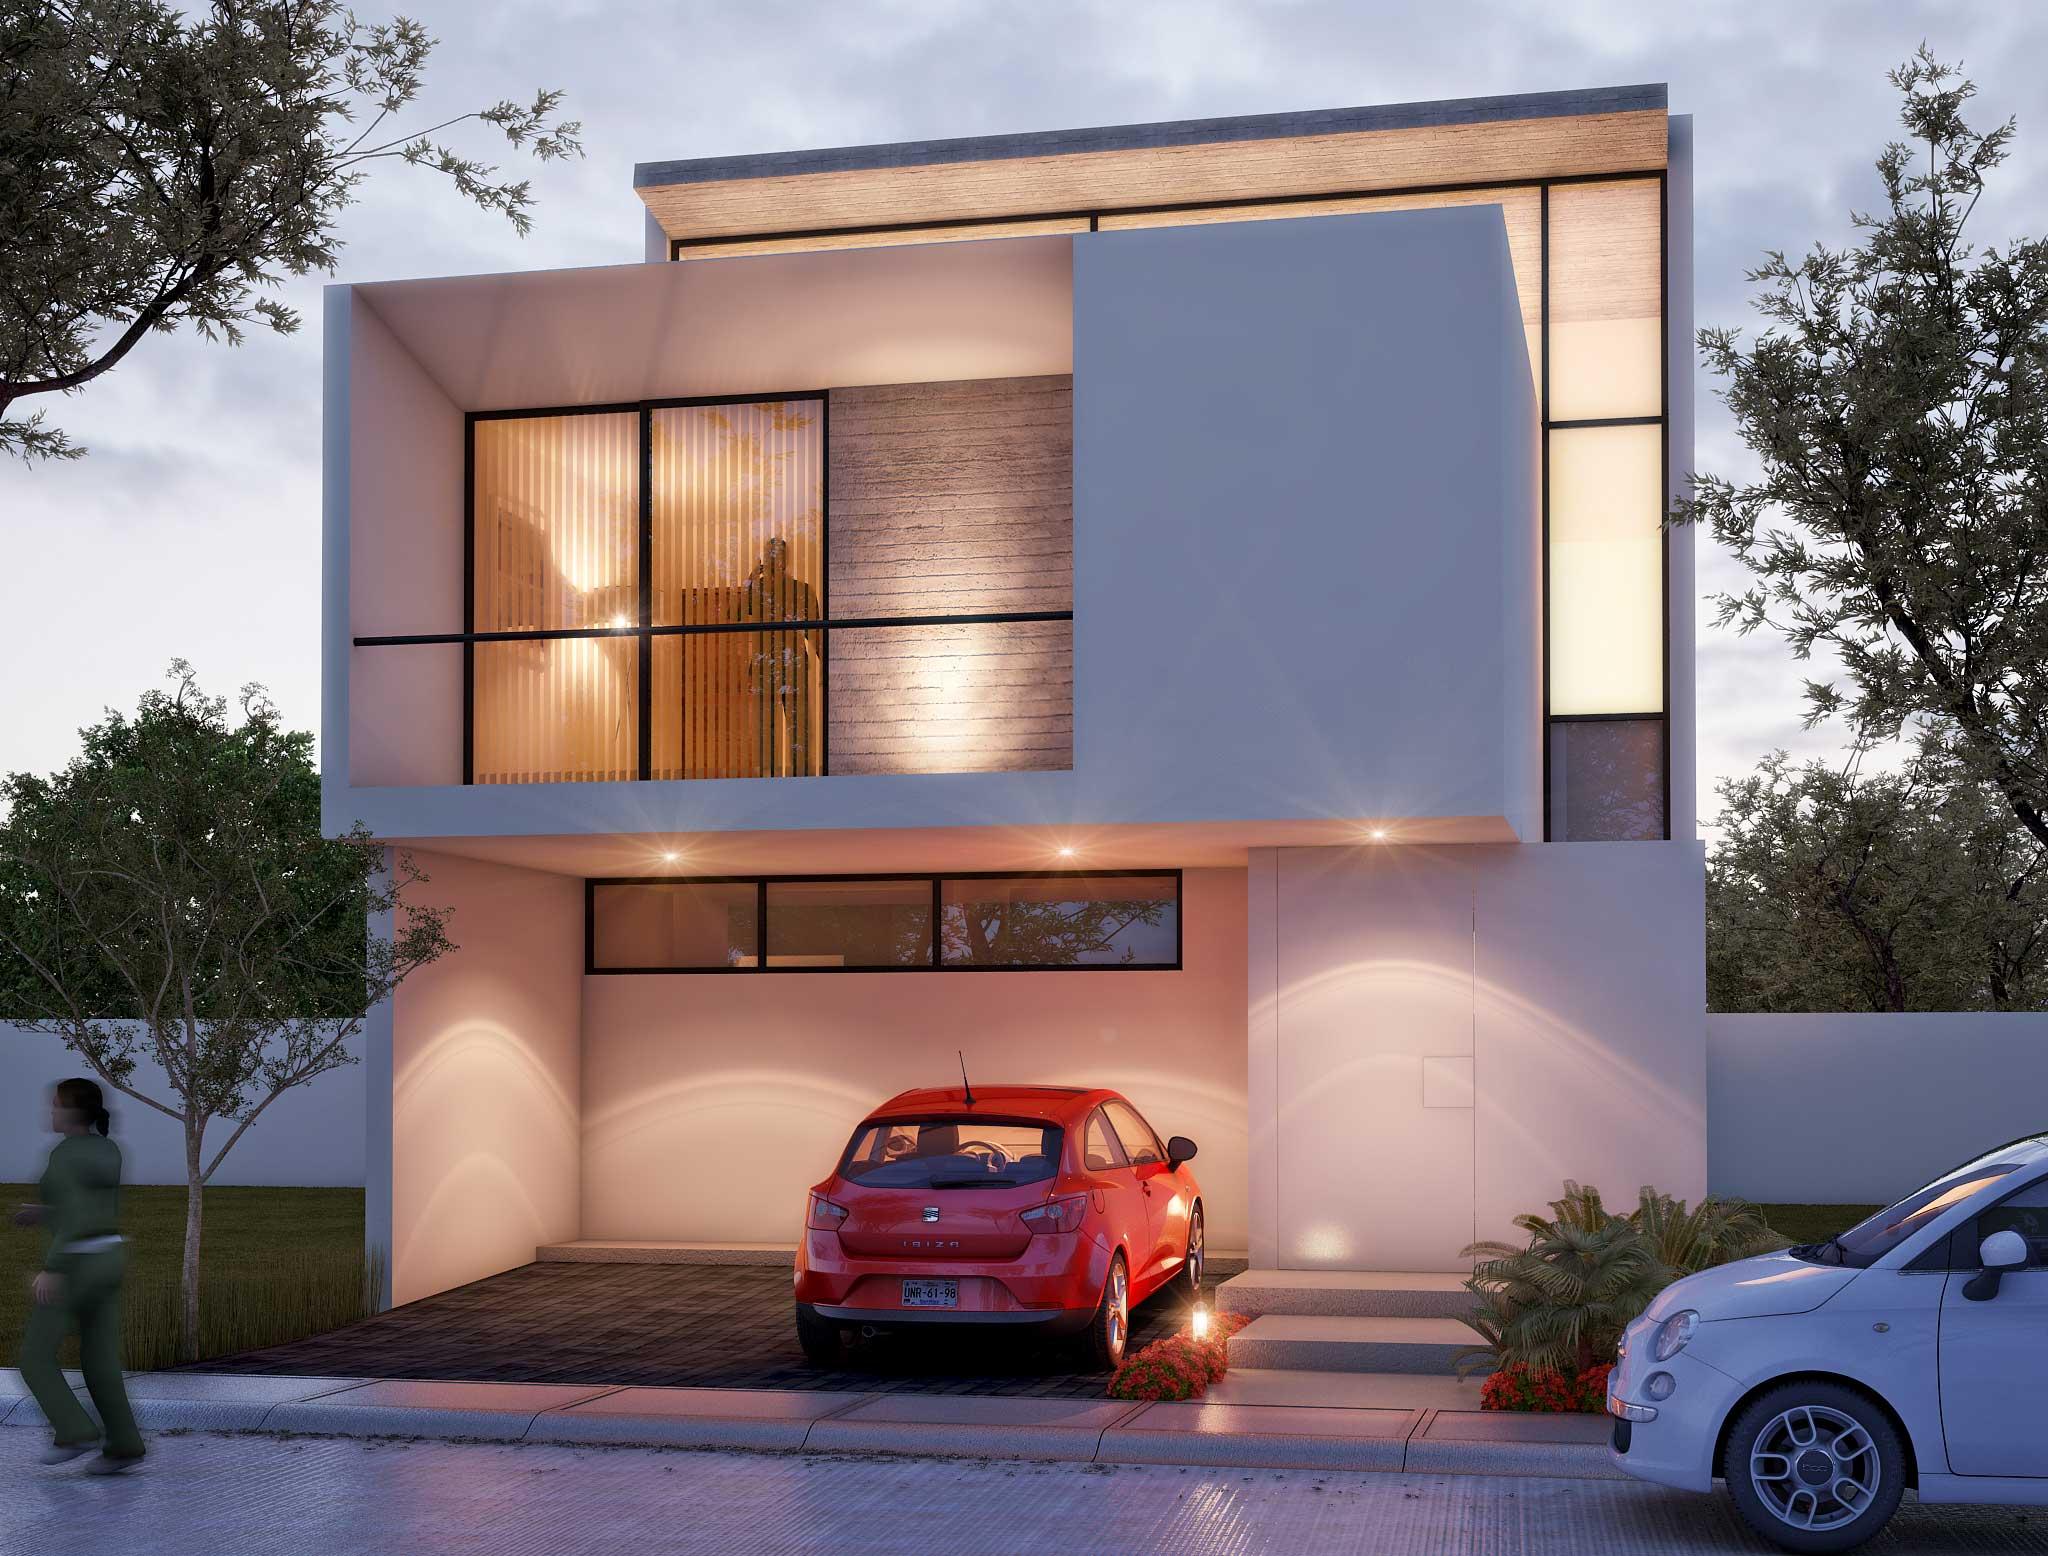 Tipo: Casa Habitación  Área de Construcción: 220 m2  Render: 3XTRUDE   Inicio de obra: Julio 2013  Ubicación: Zapopan, Jal.